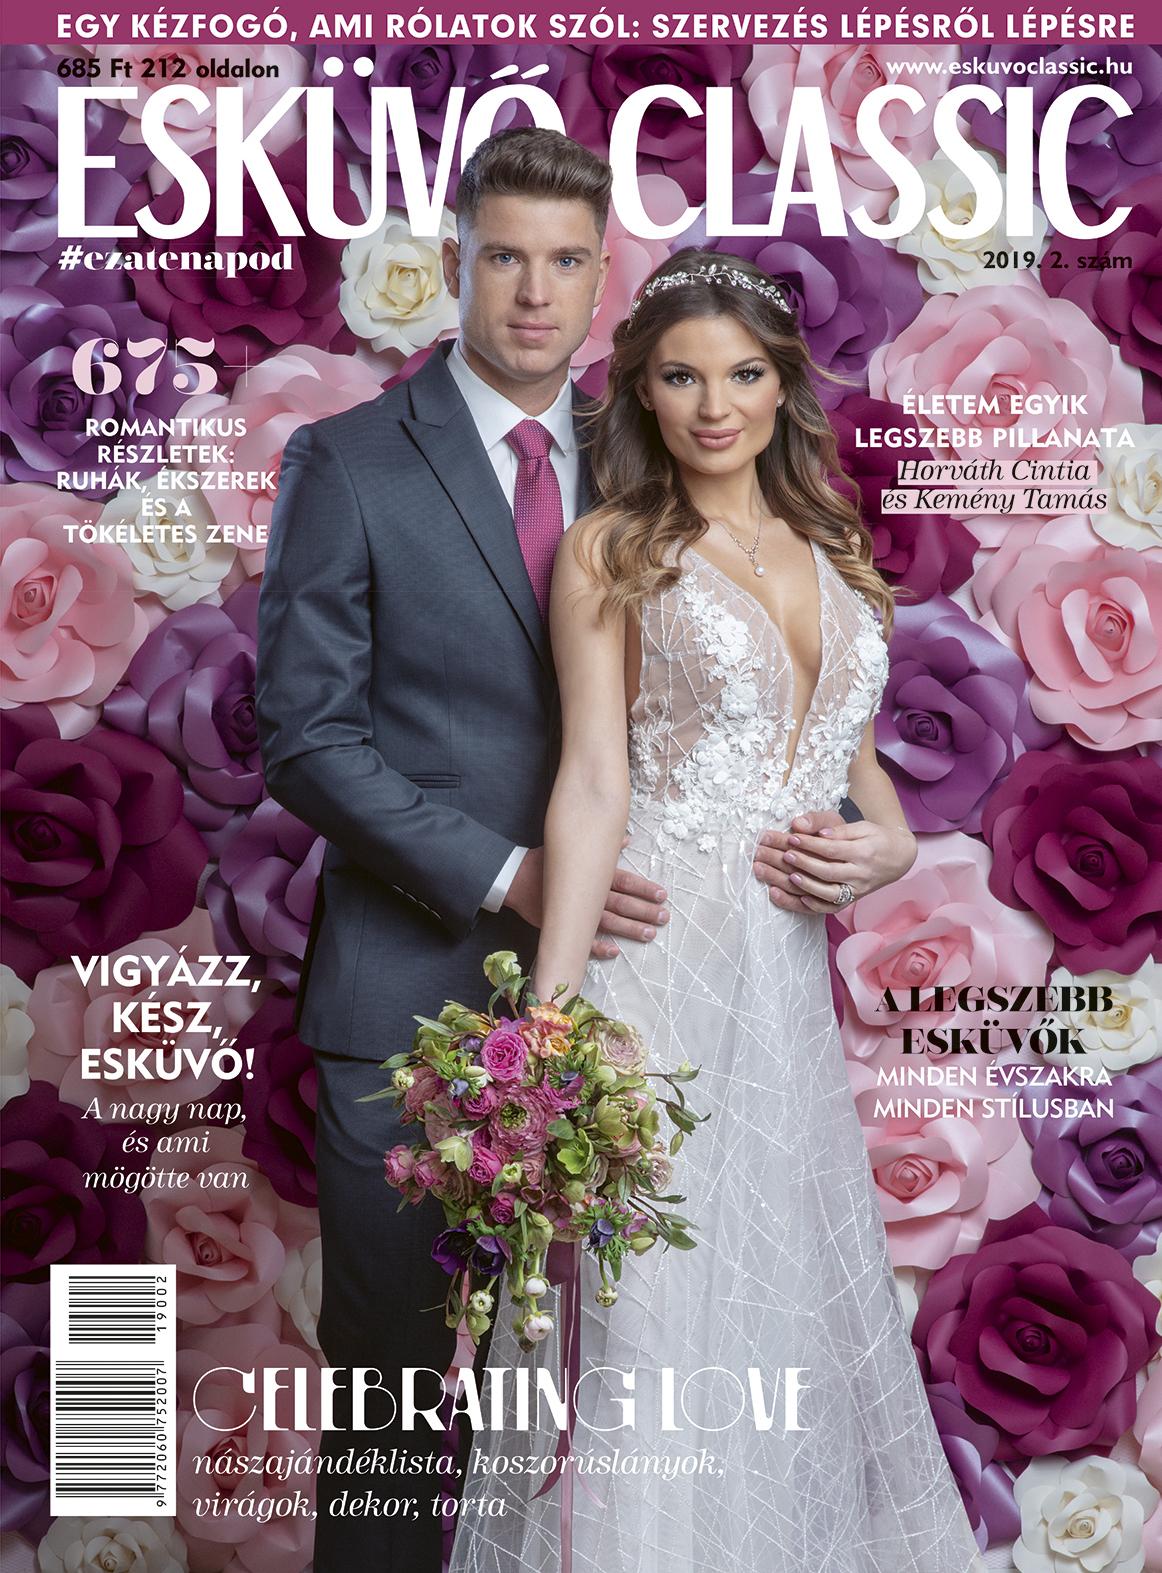 esküvő classic, Legyen ez a nap a legkülönlegesebb – A 10 éves Esküvő Classic Magazin már az újságárusoknál!